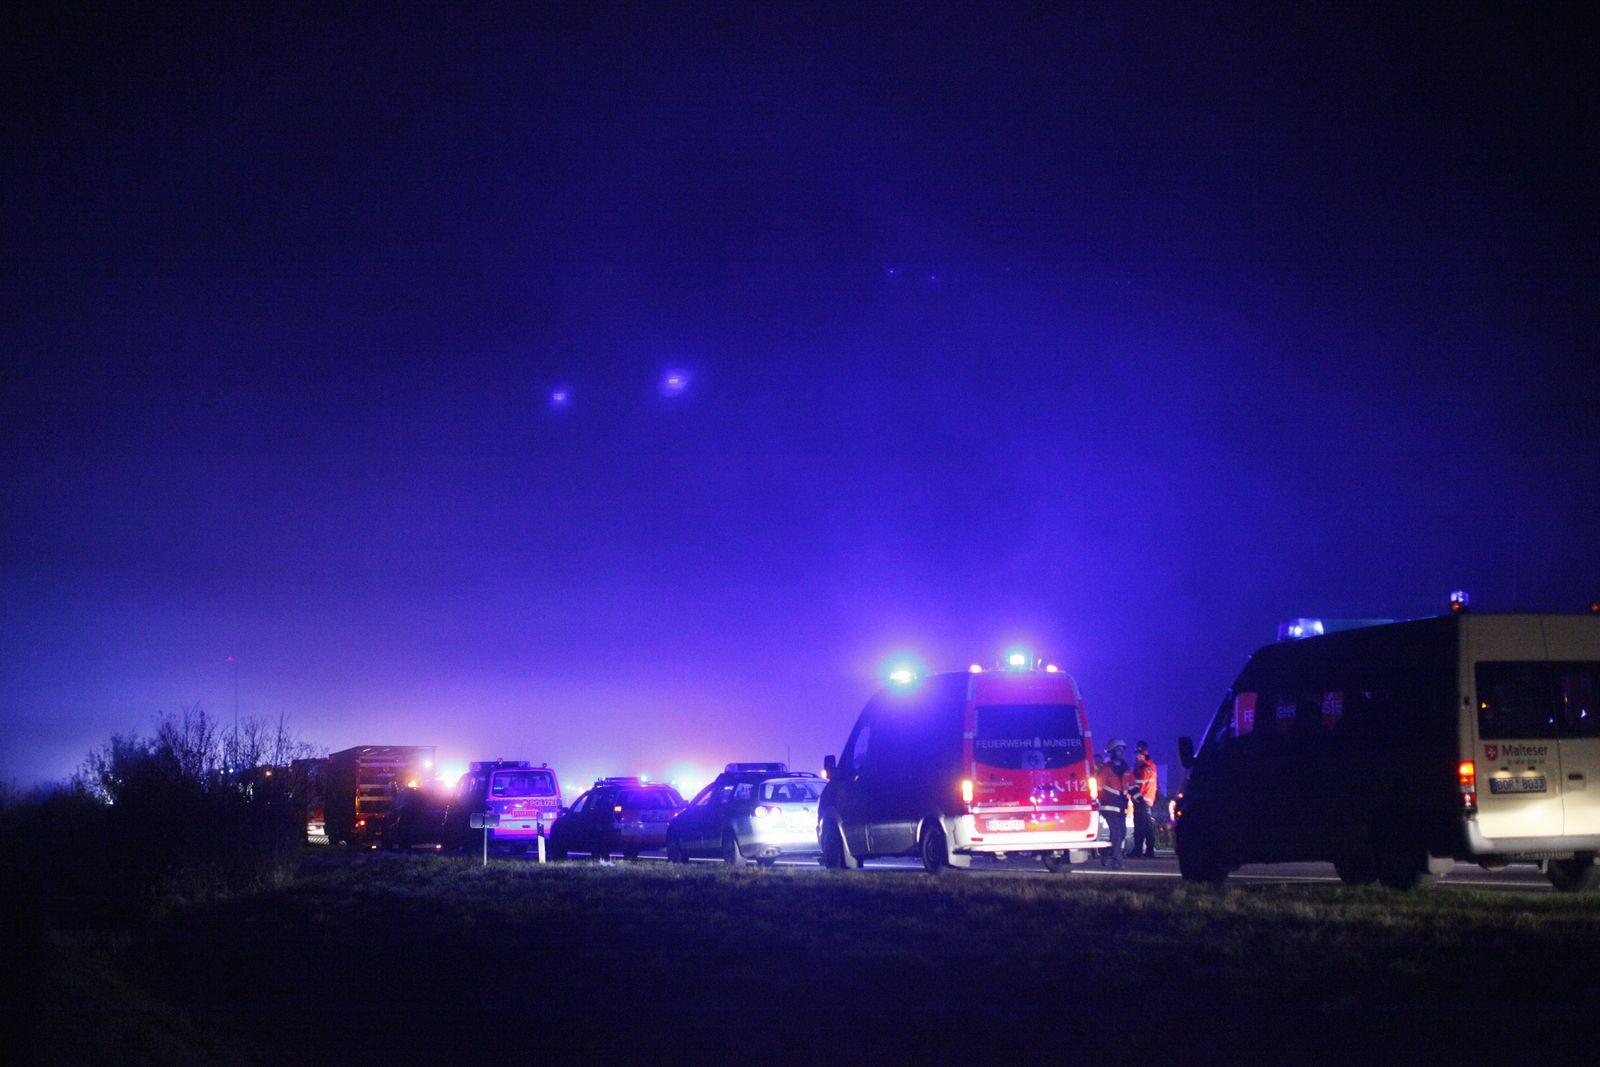 NICHT VERWENDEN A31 / Unfall